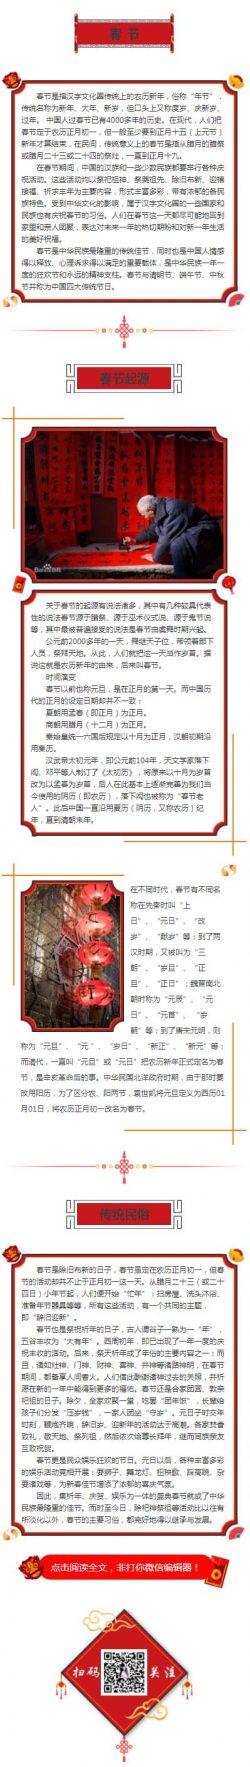 春节新年中国风红色传统节日